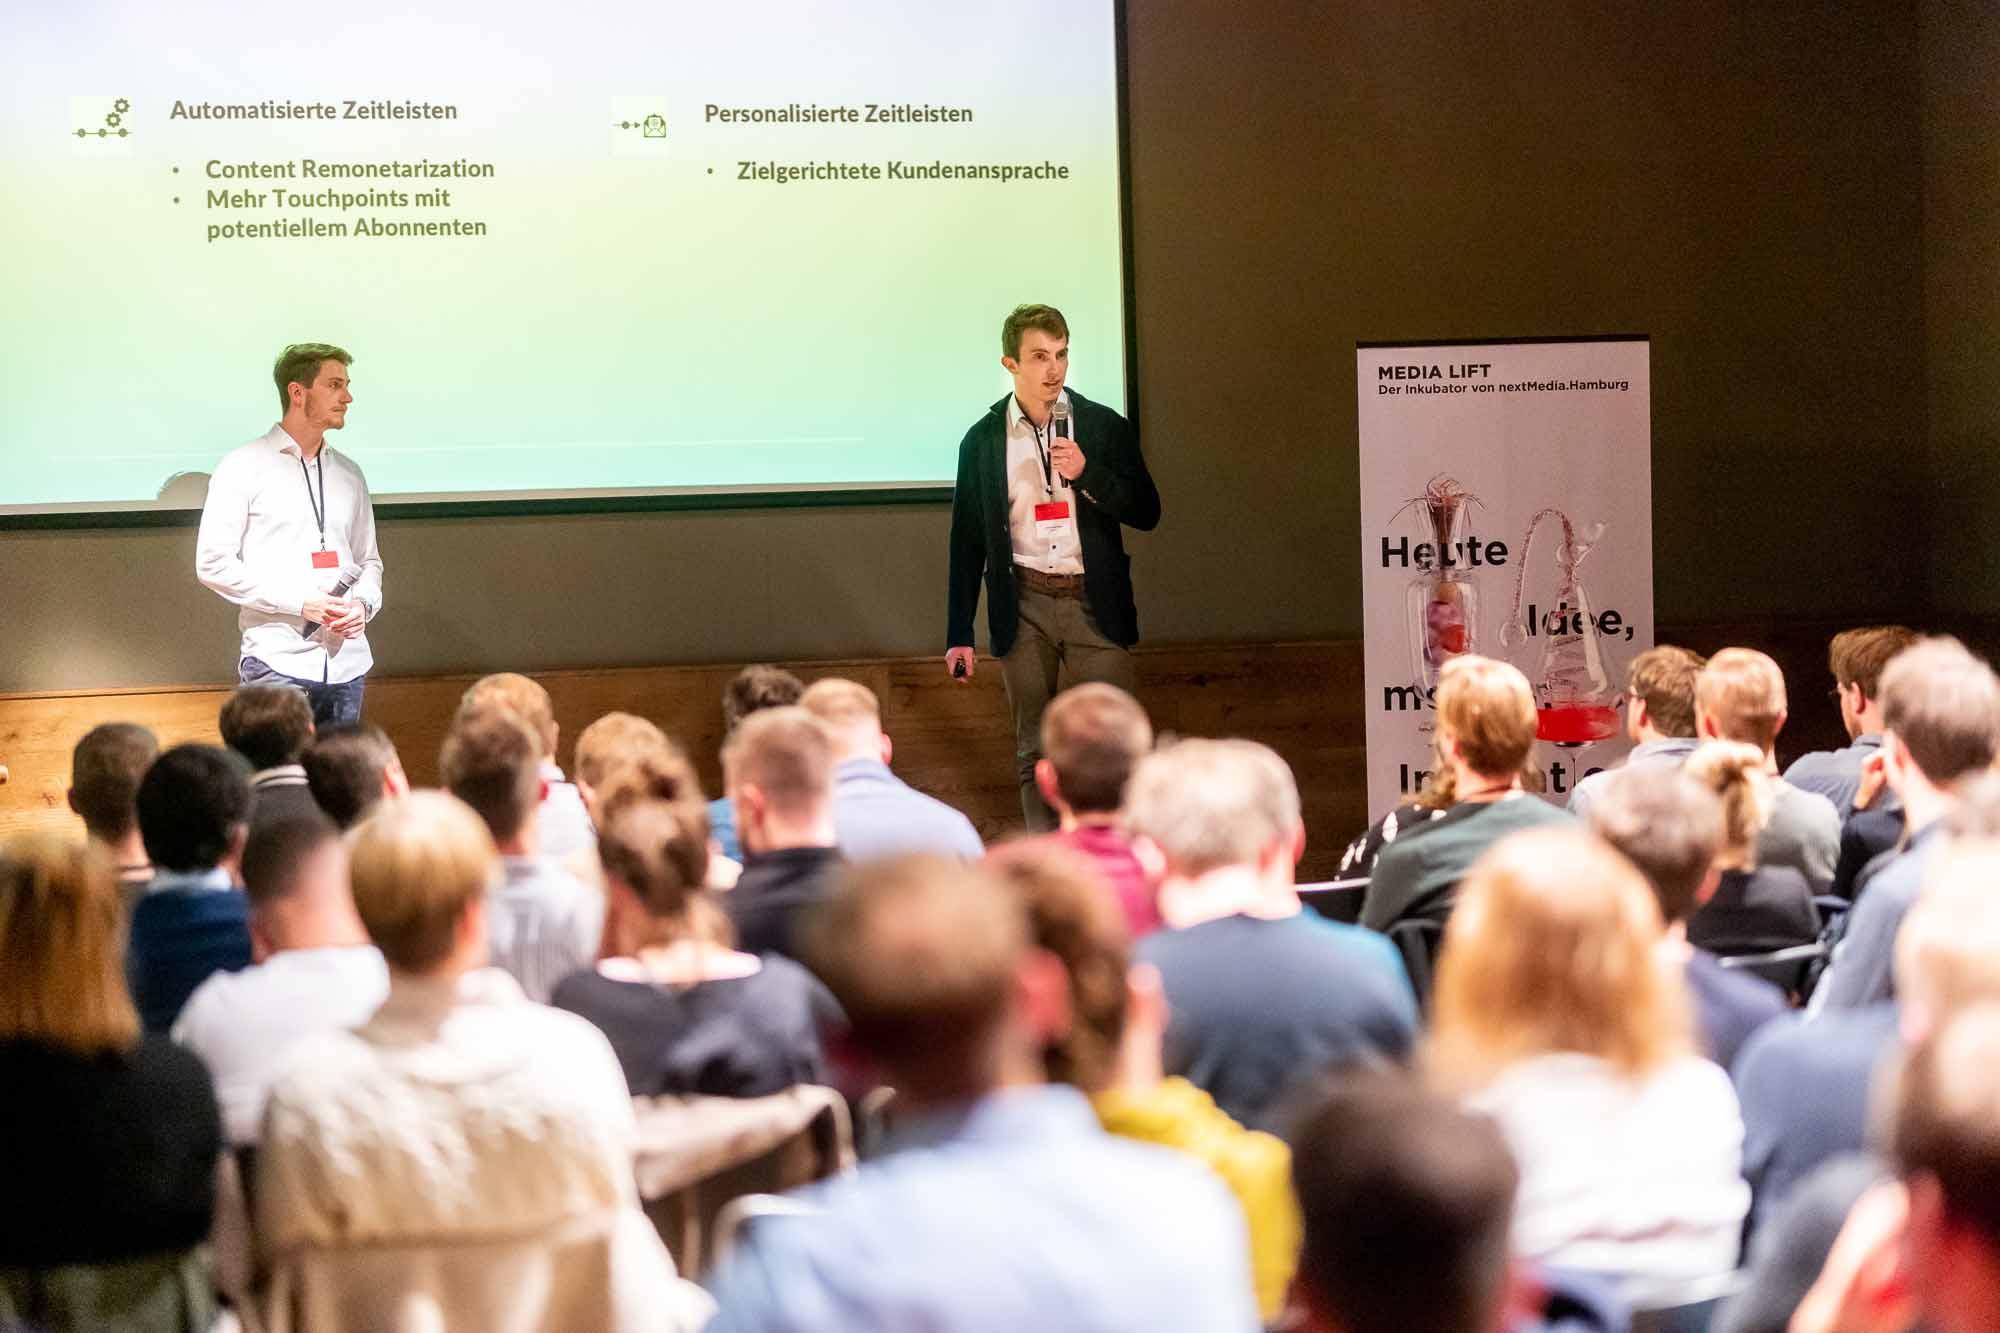 Mithilfe von KI automatisierte Zeitleisten erstellen: Alexander Both (rechts) und Daniel Nikola von NewsSeam schaffen so ganzheitliche Informationen zu komplexen Themen.